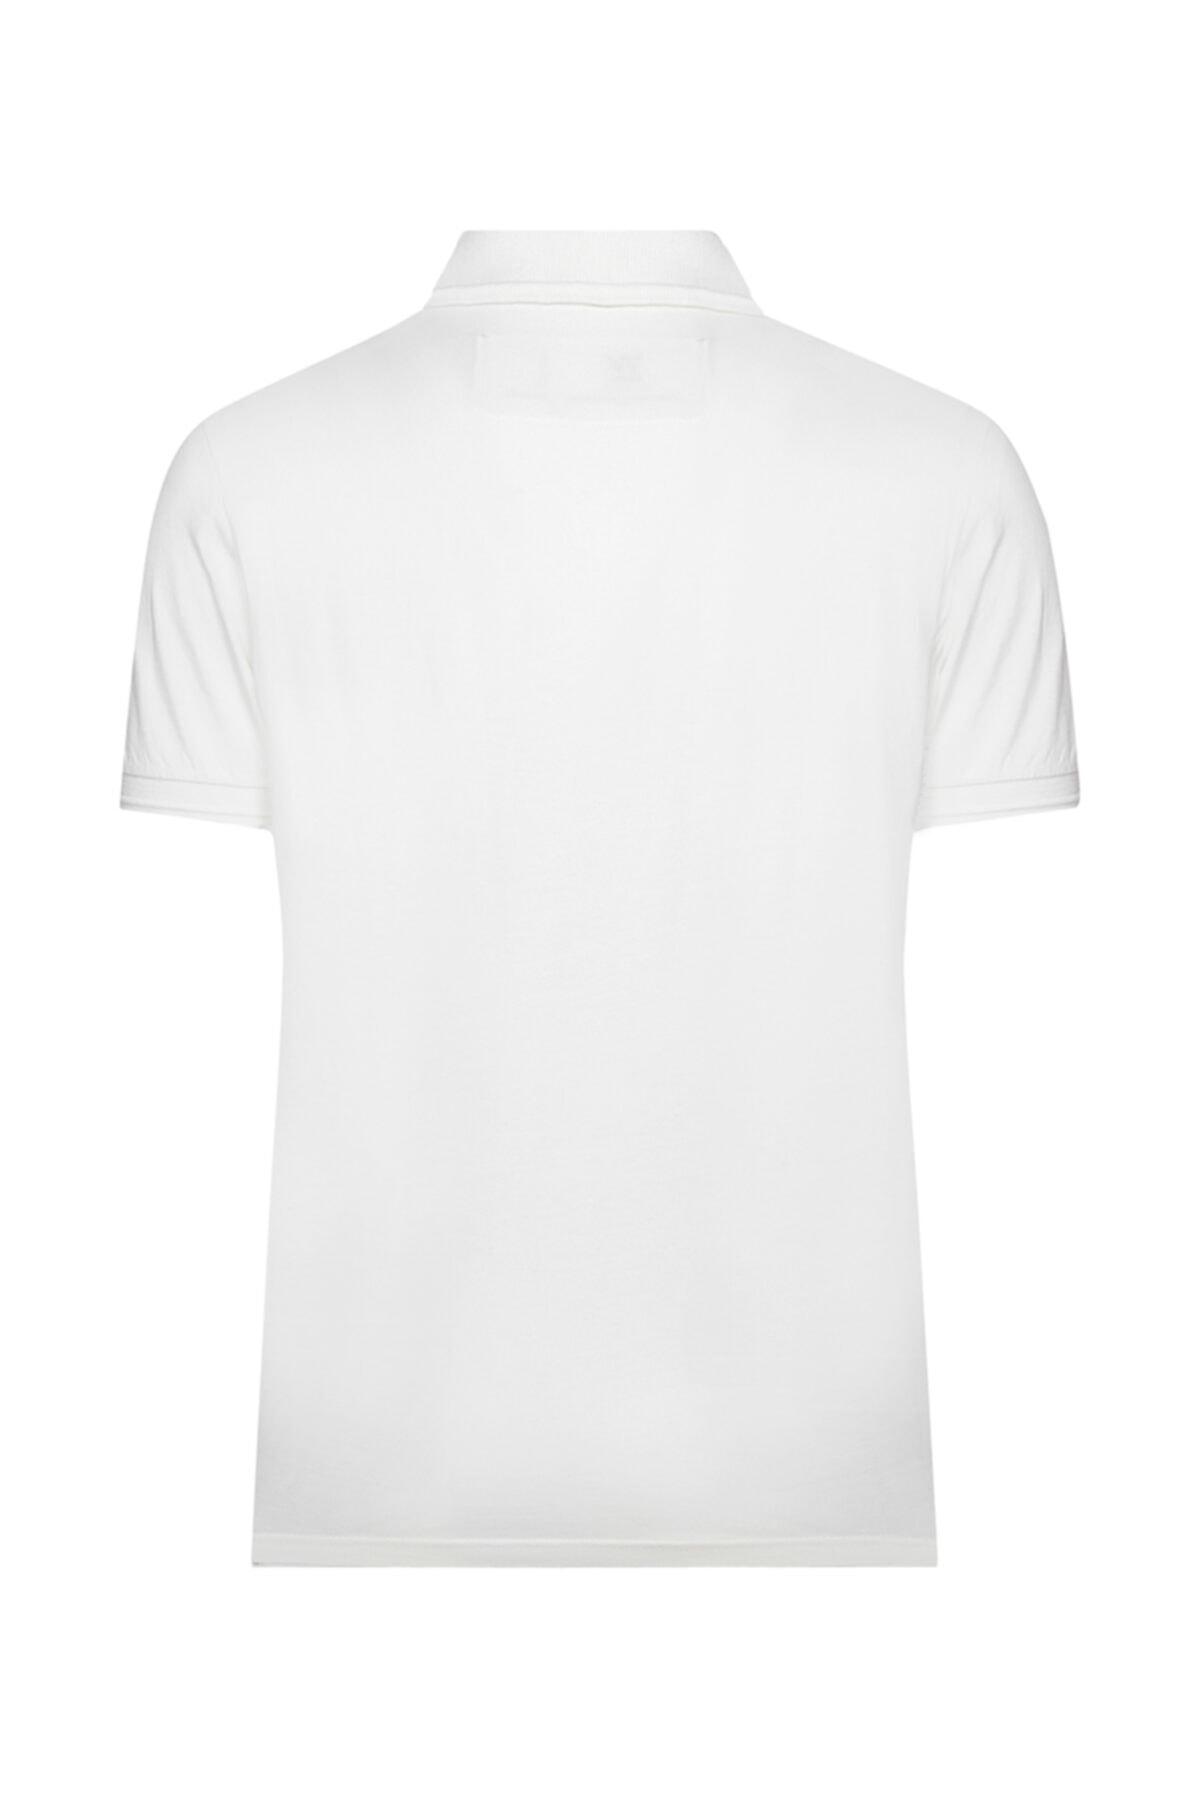 W Collection Erkek Beyaz Polo Yaka T-shirt 2